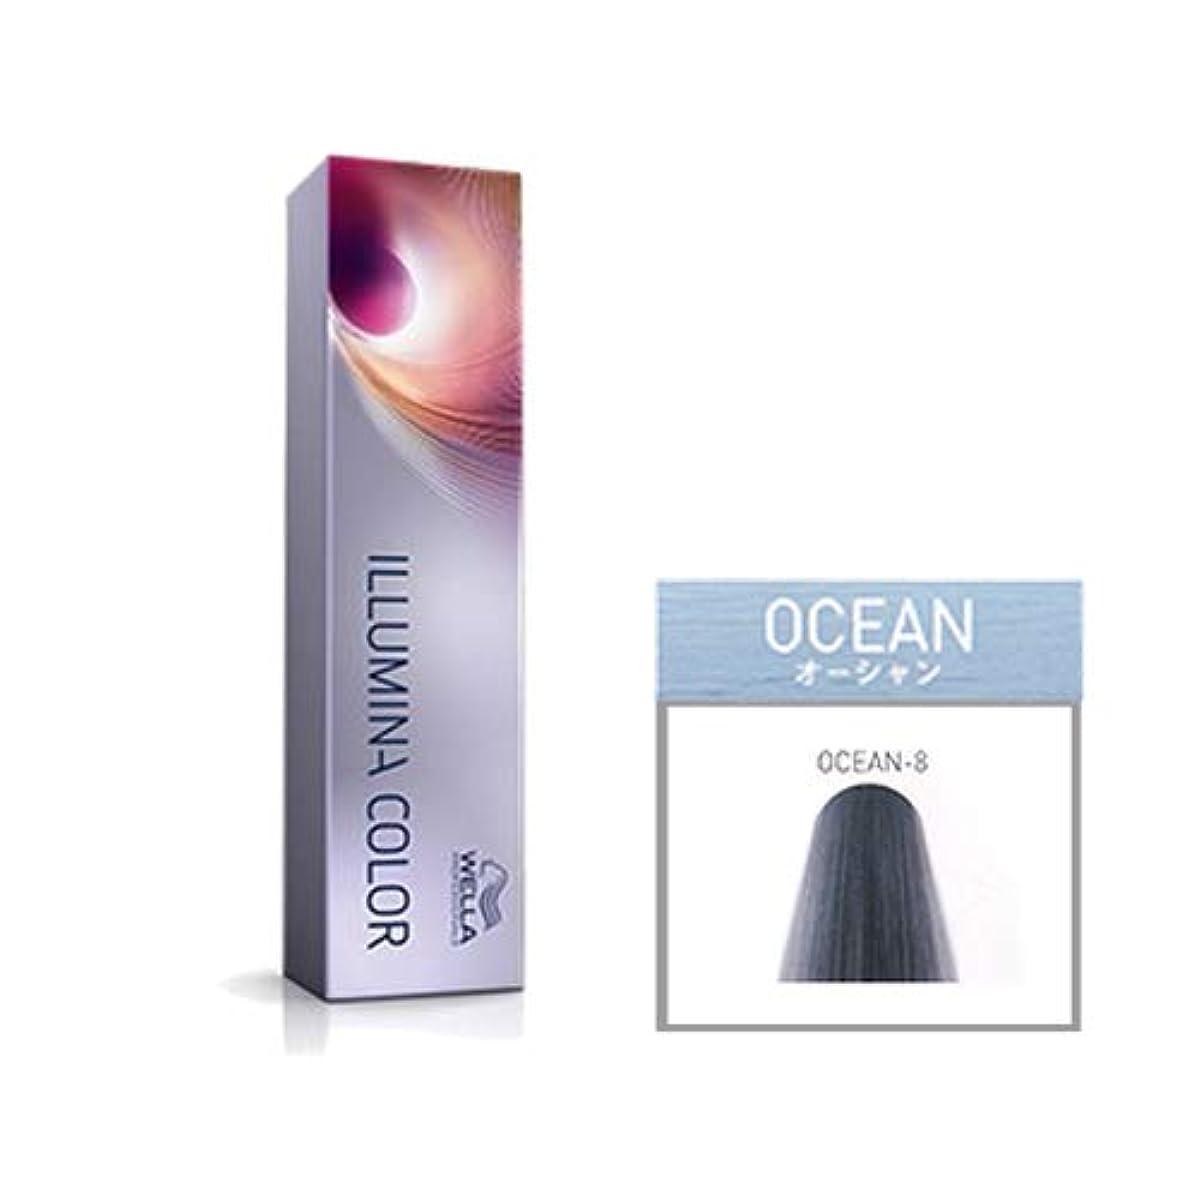 未知のキャラクター言語ウエラ プロフェッショナル イルミナ カラー オーシャン OCEAN-8 80g